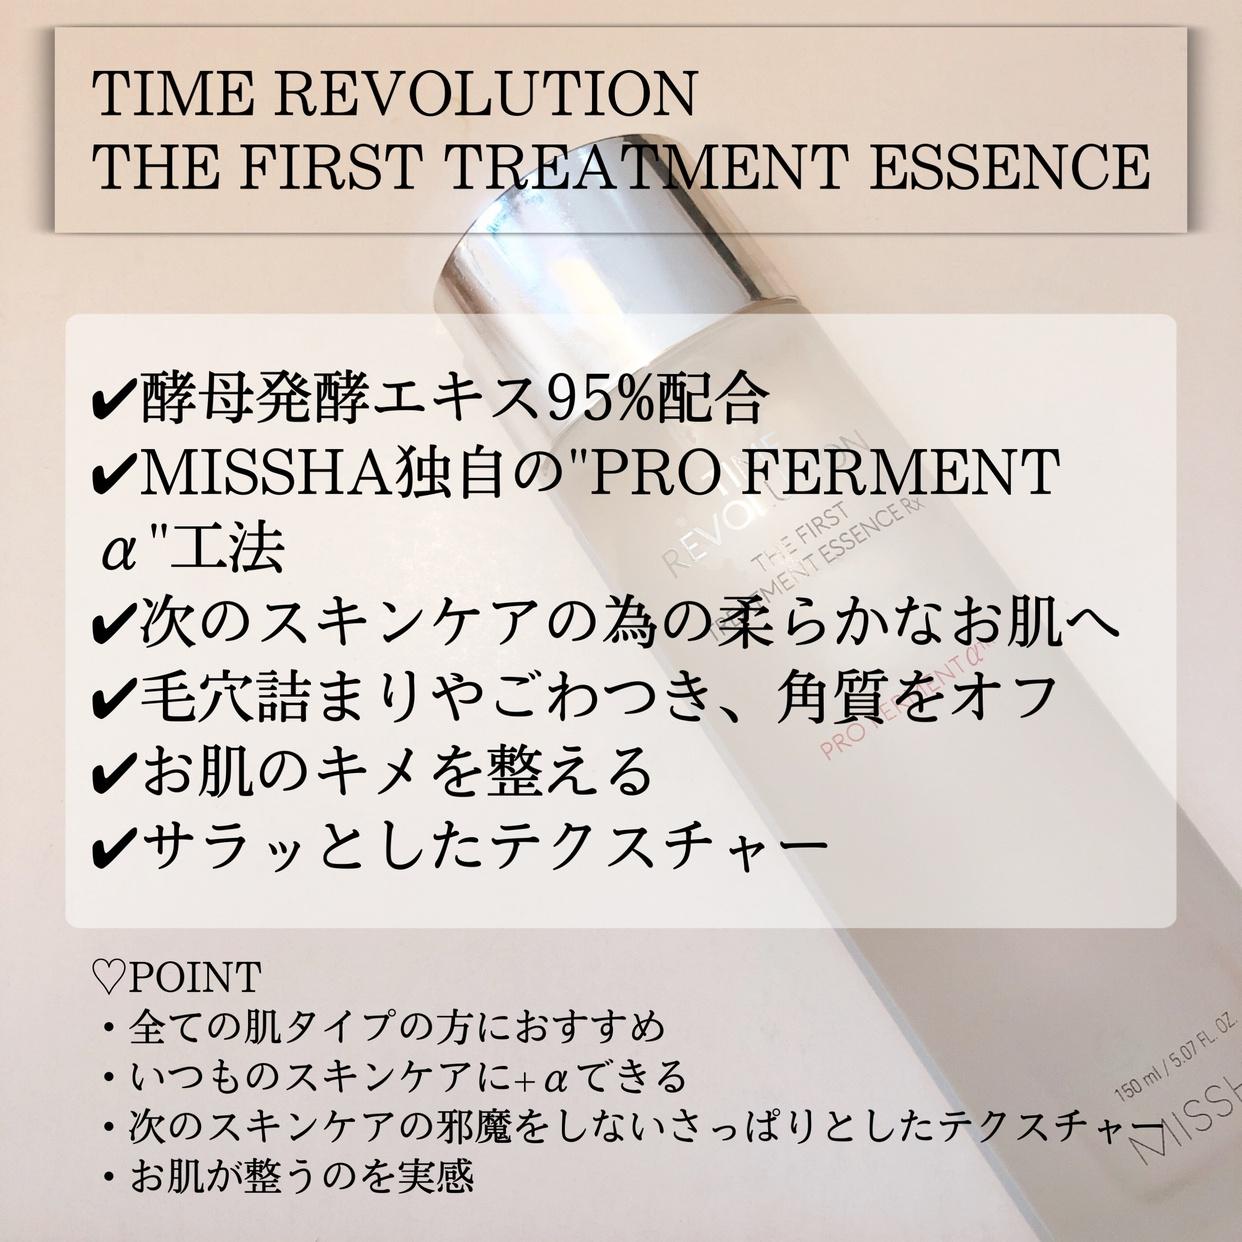 MISSHA(ミシャ) レボリューション タイム ザ ファースト トリートメント エッセンス RXの良い点・メリットに関するsachikoさんの口コミ画像2